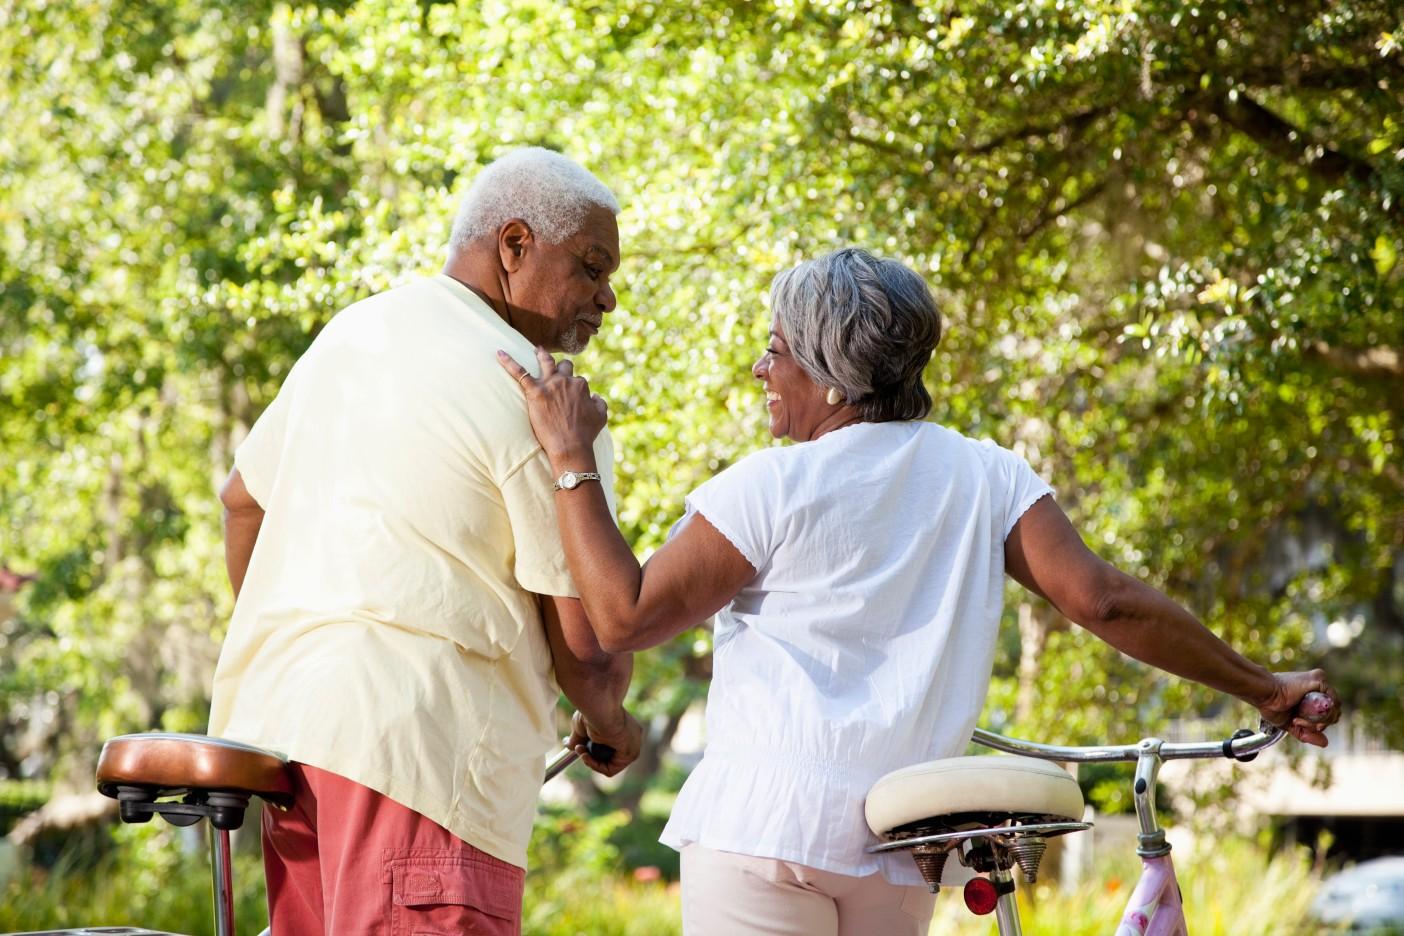 lehetséges-e kalciumot szedni magas vérnyomás esetén lehetséges-e a muay thai hipertóniával történő gyakorlása